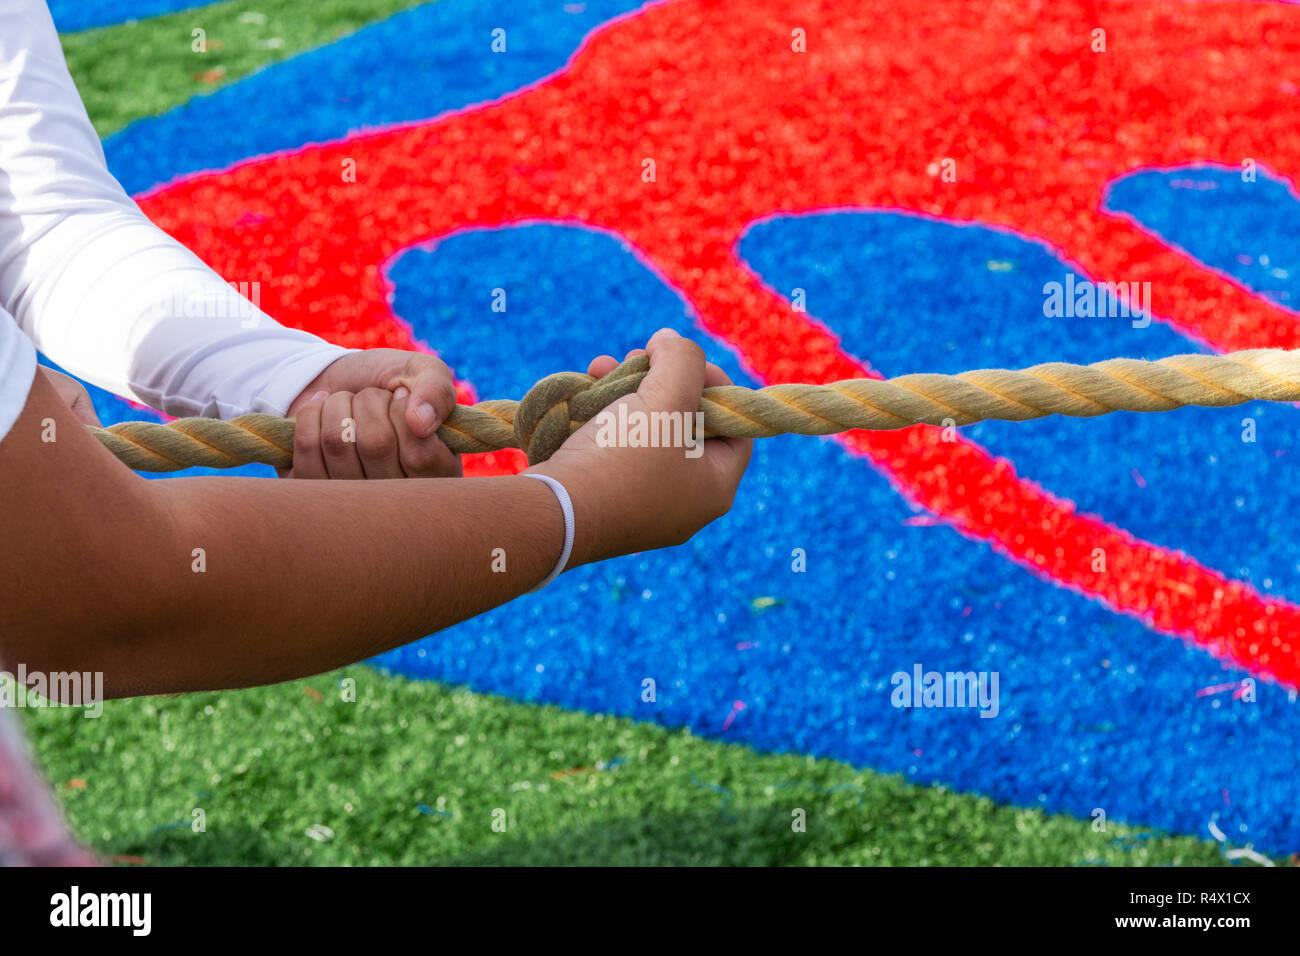 Mains agrippant le noeud dans la corde au cours d'un remorqueur de la guerre jeu sur un terrain de gazon. Photo Stock